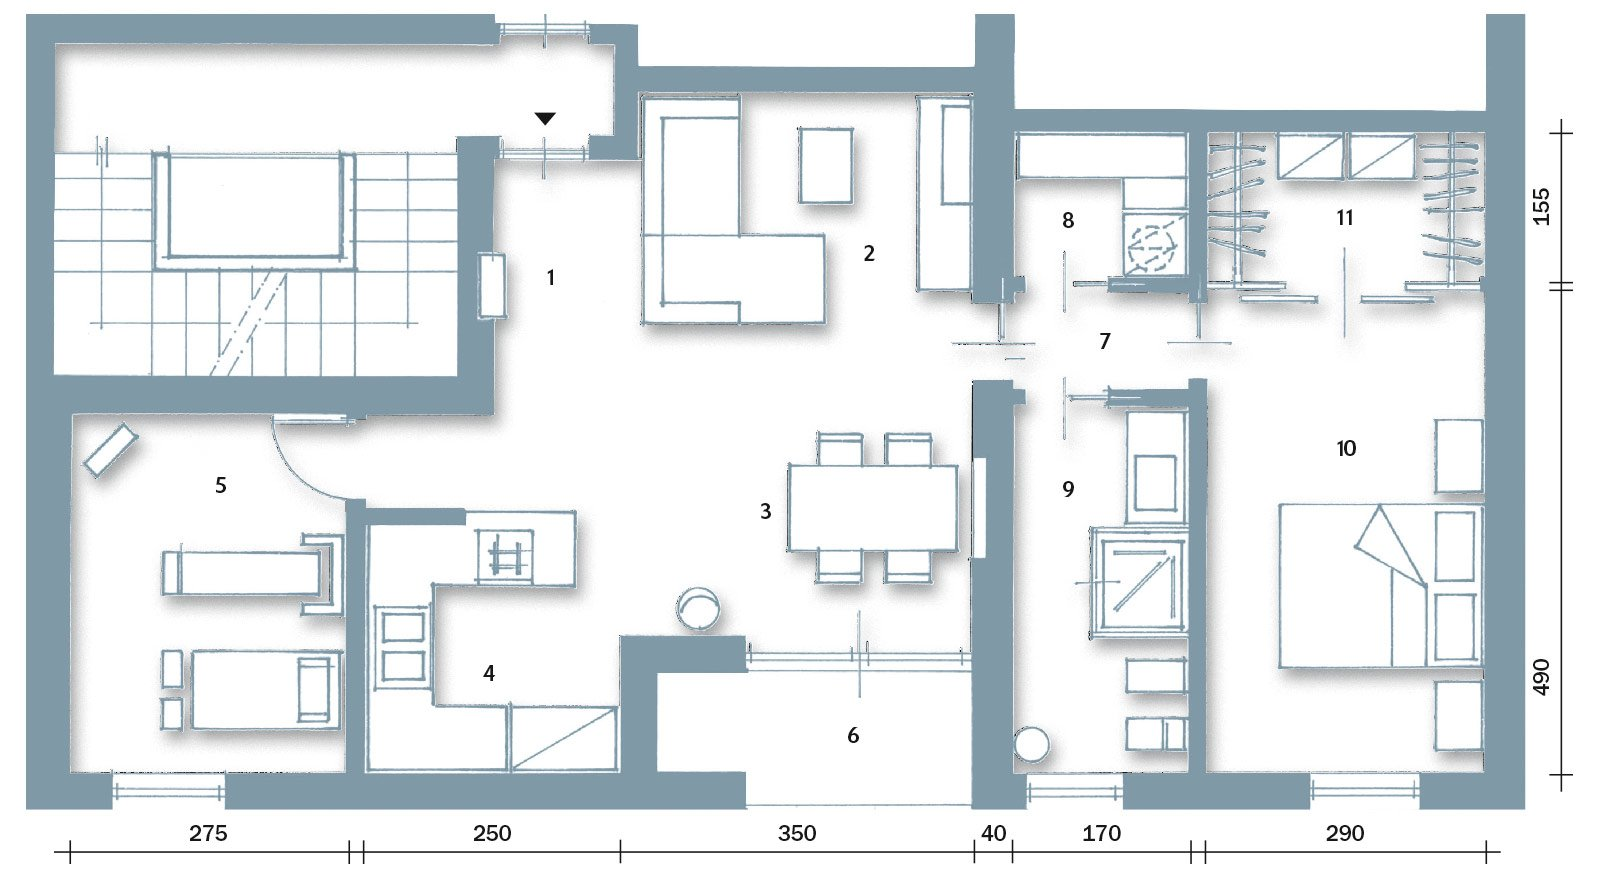 Casa con 10 trucchi 83 mq sembrano pi grandi cose di for Monolocale dwg